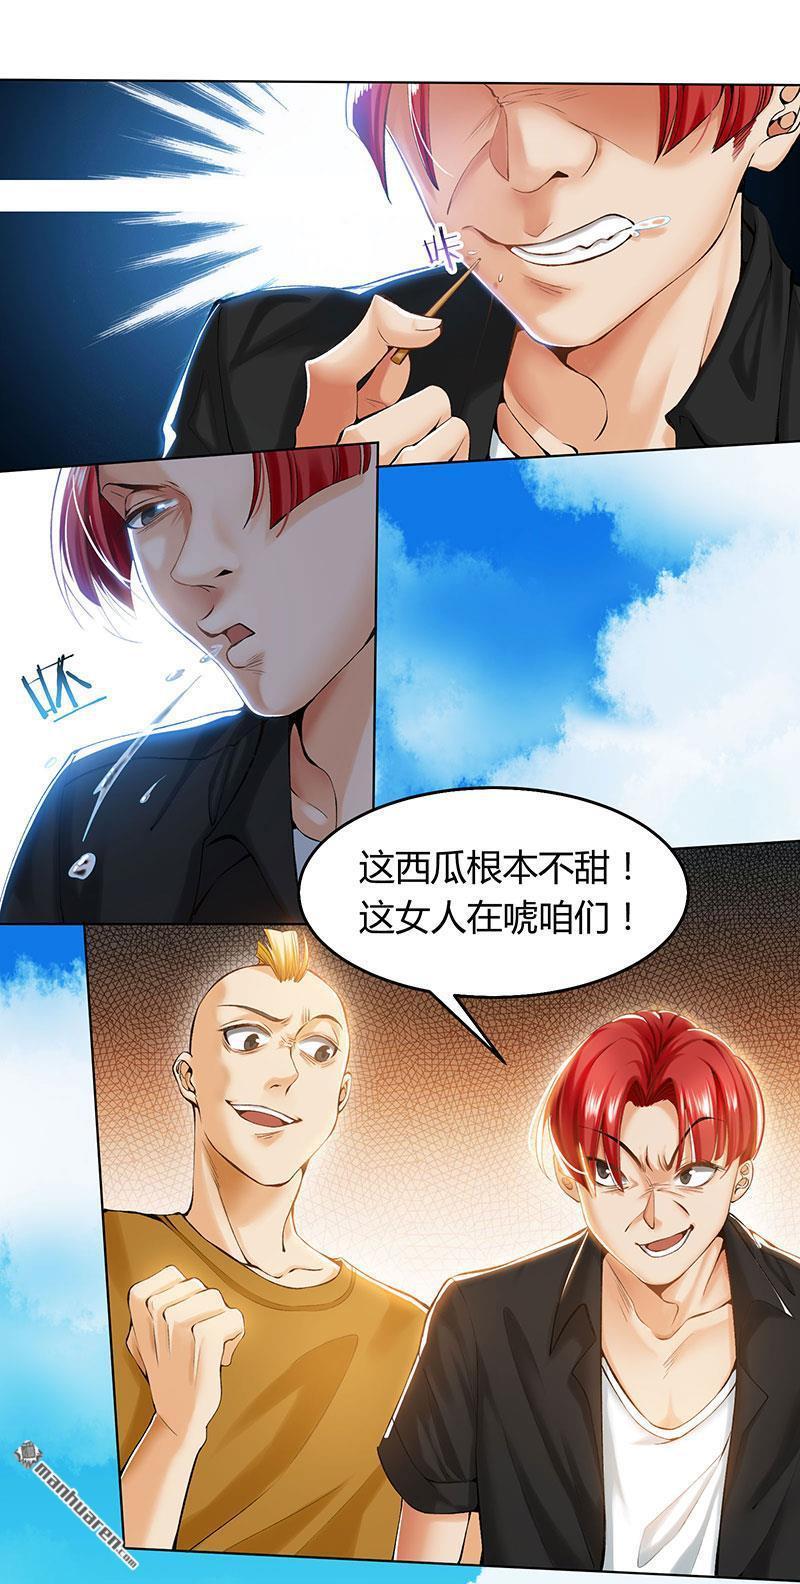 神級透視漫畫第1回 菊花殘,滿地傷(第4頁)劇情-二次元動漫